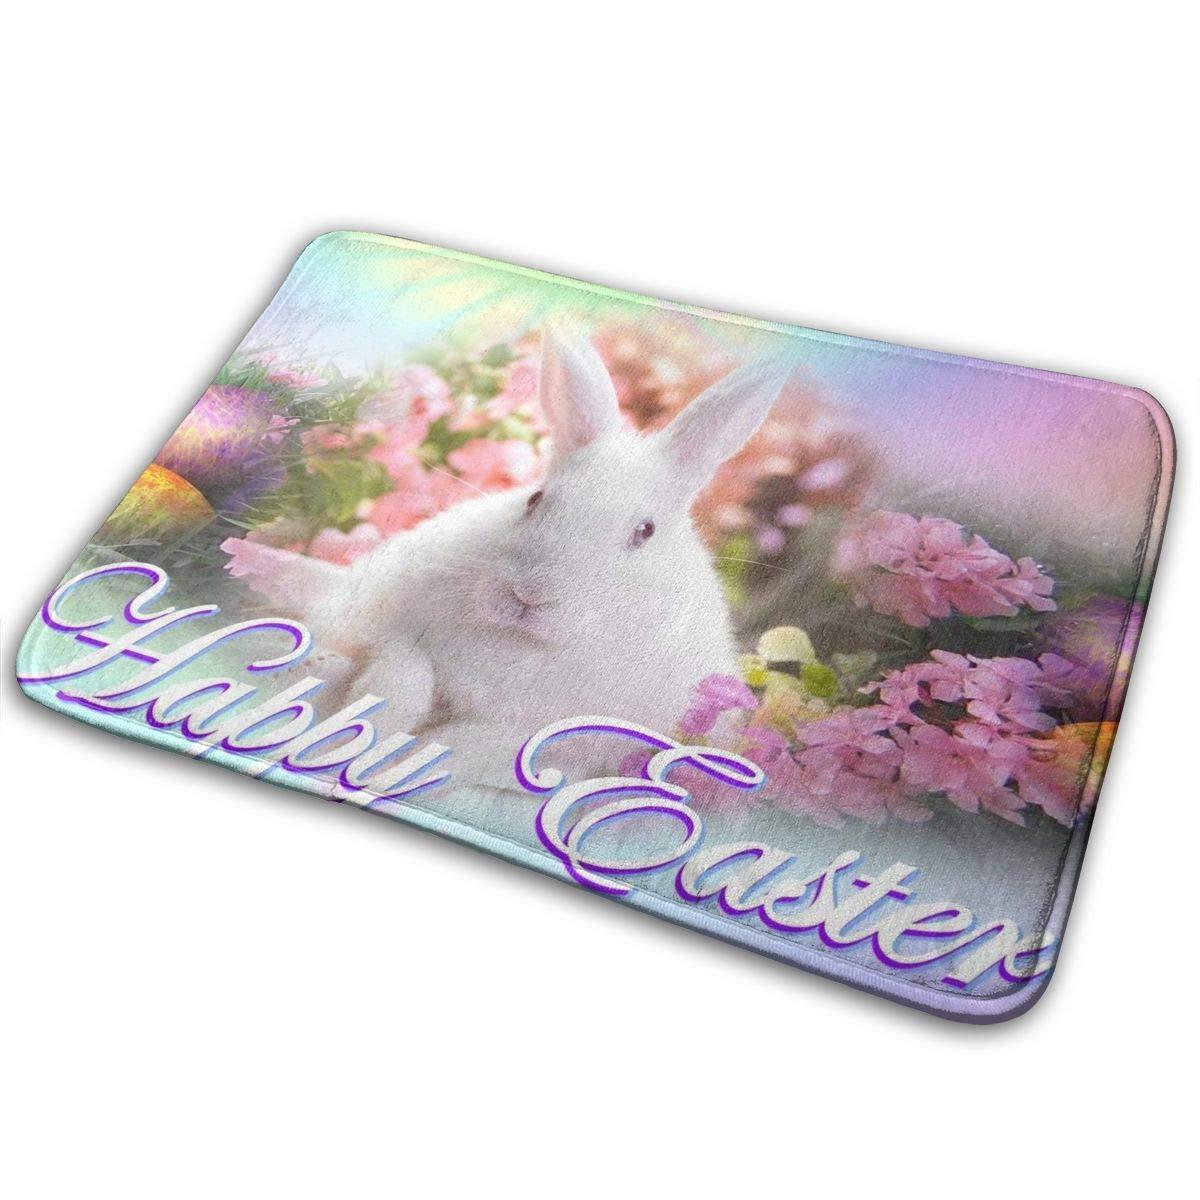 Indoor/Outdoor Mats White Tail Deer Fight Door Mat Bathroom Mats Home Decoration Non Slip Water Bath Mat Doormat Entrance Rug 4060cm (Happy Easter Rabbit) by Partrest (Image #1)